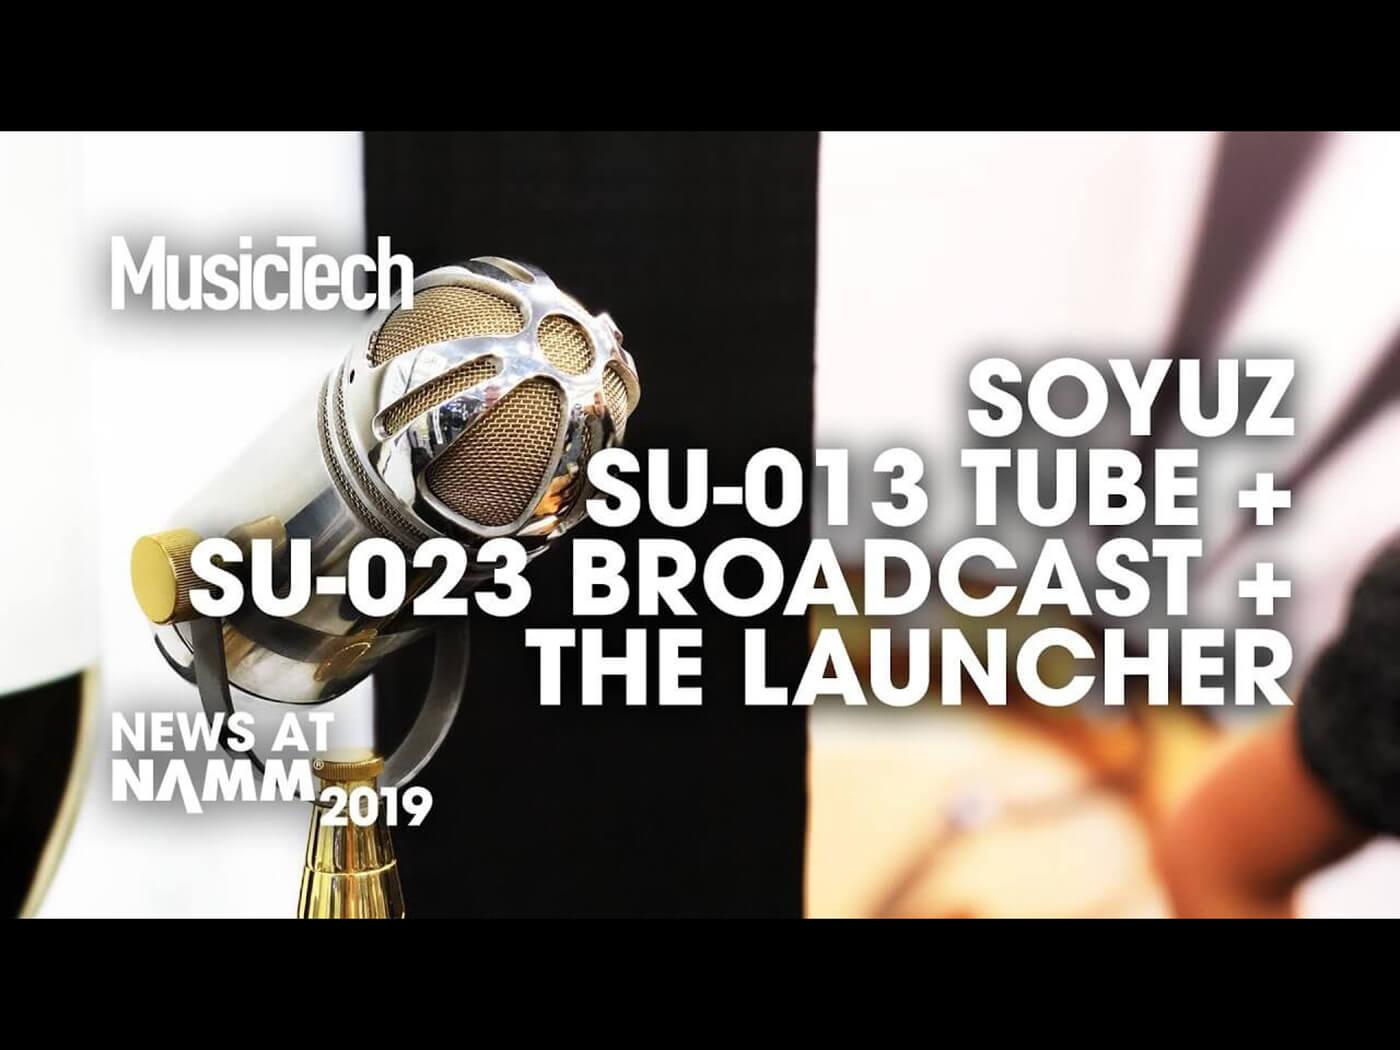 Soyuz Mics Namm